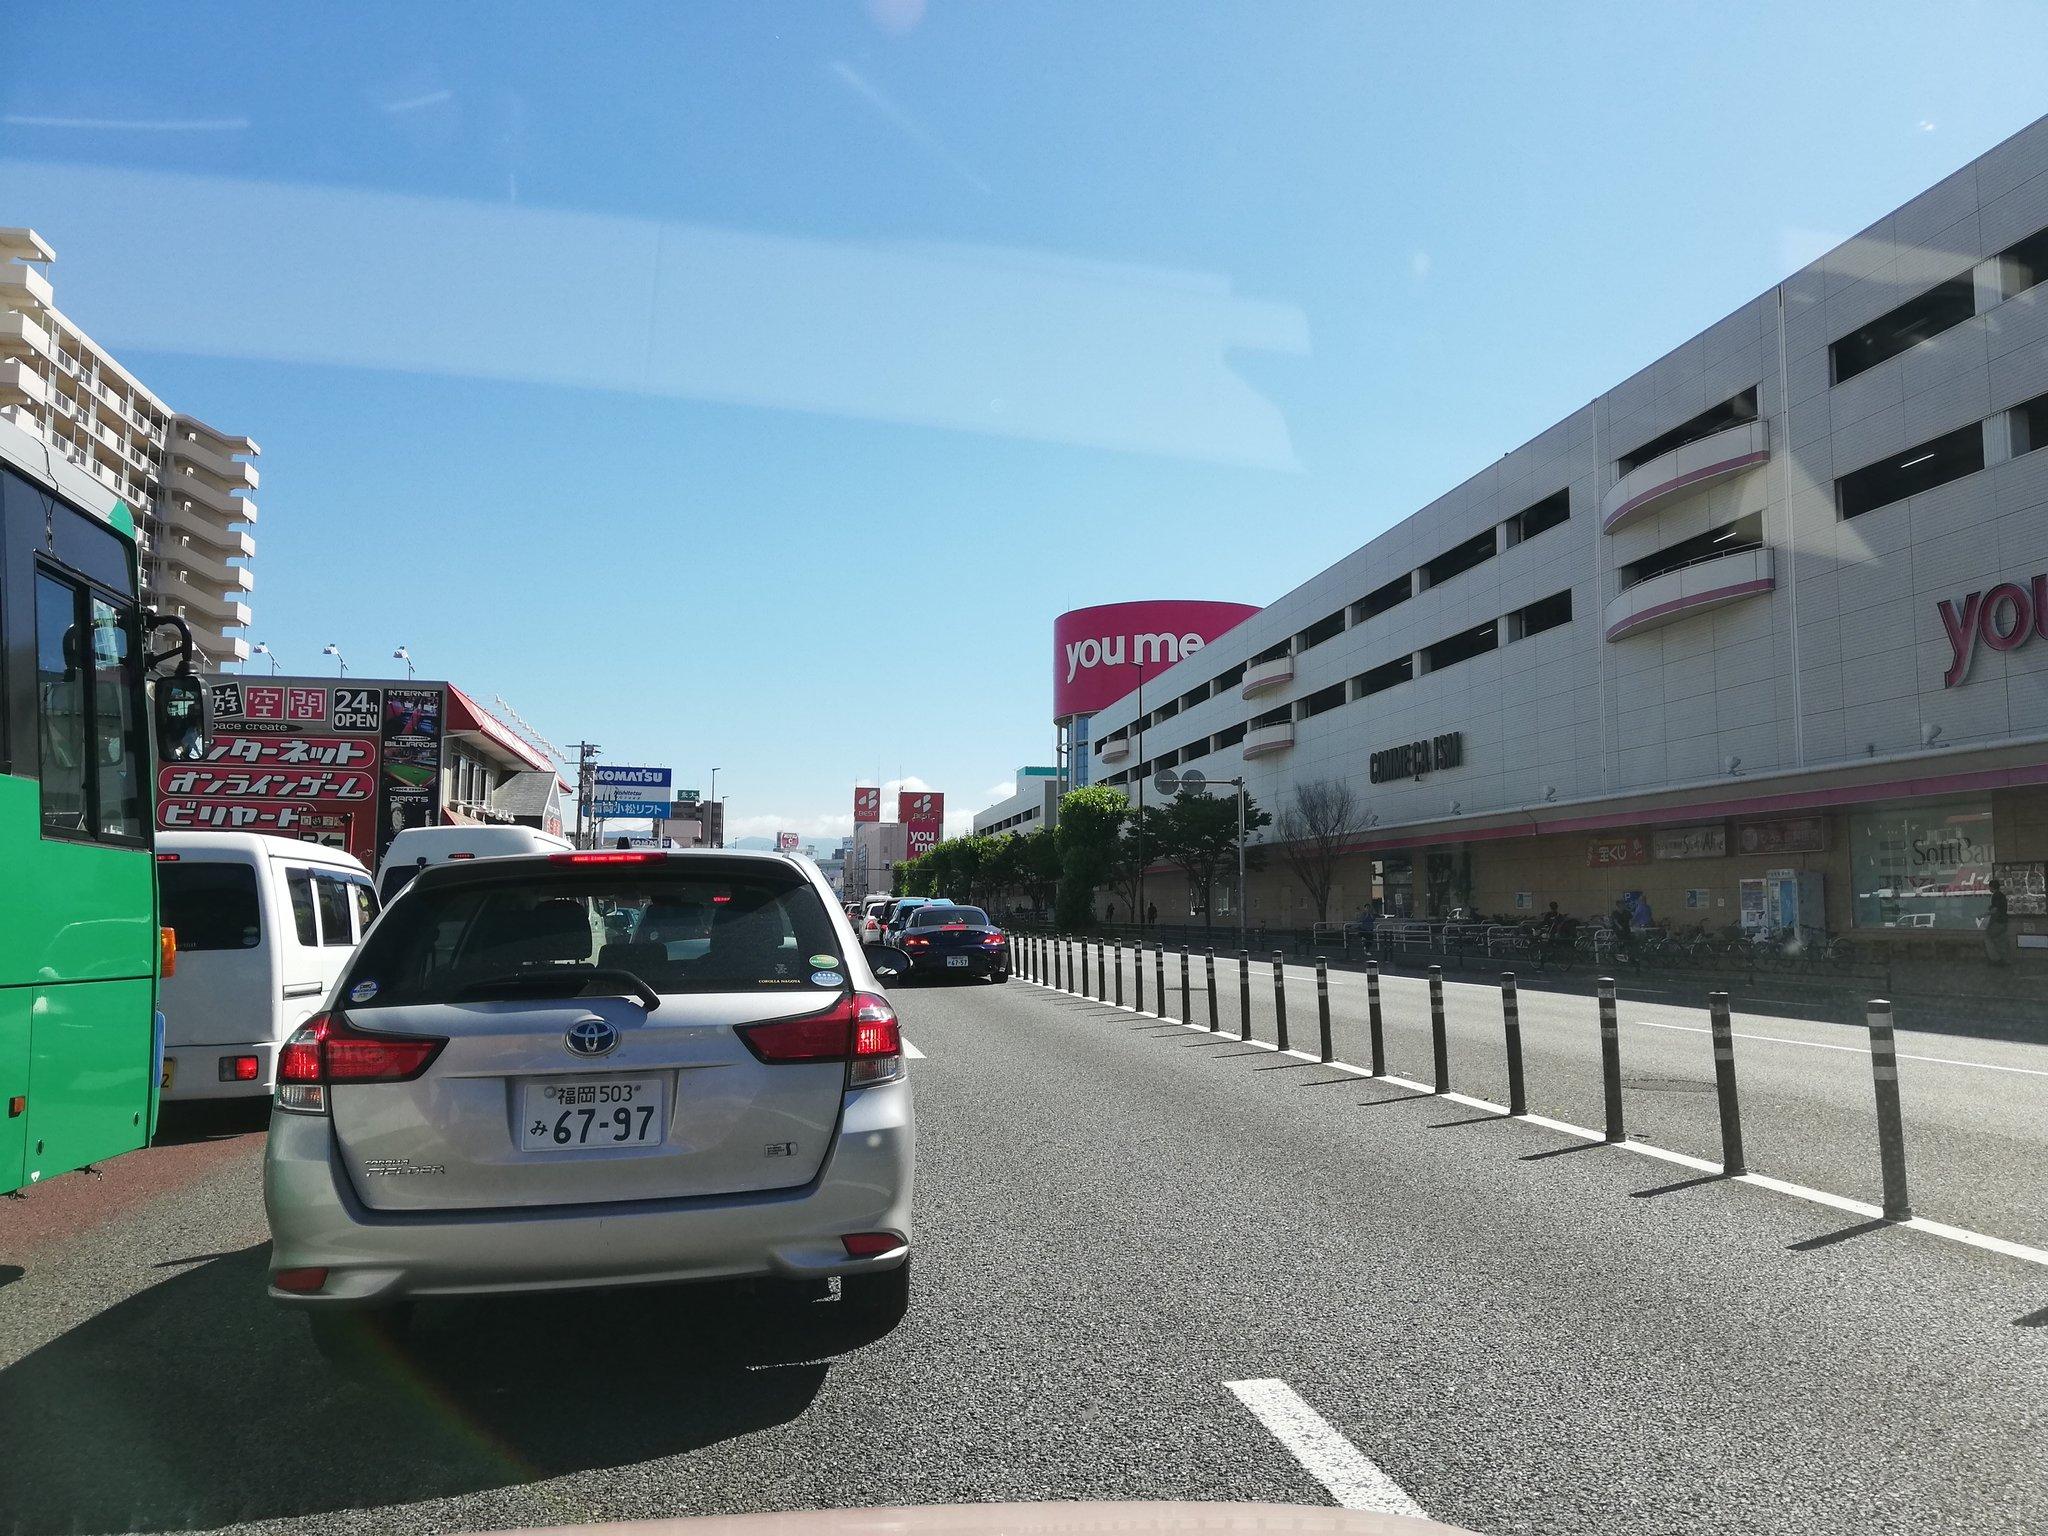 画像,国道3号線下り、ゆめタウン博多前は事故により完全封鎖されてるので迂回しましょう https://t.co/SgrYN48TdY…